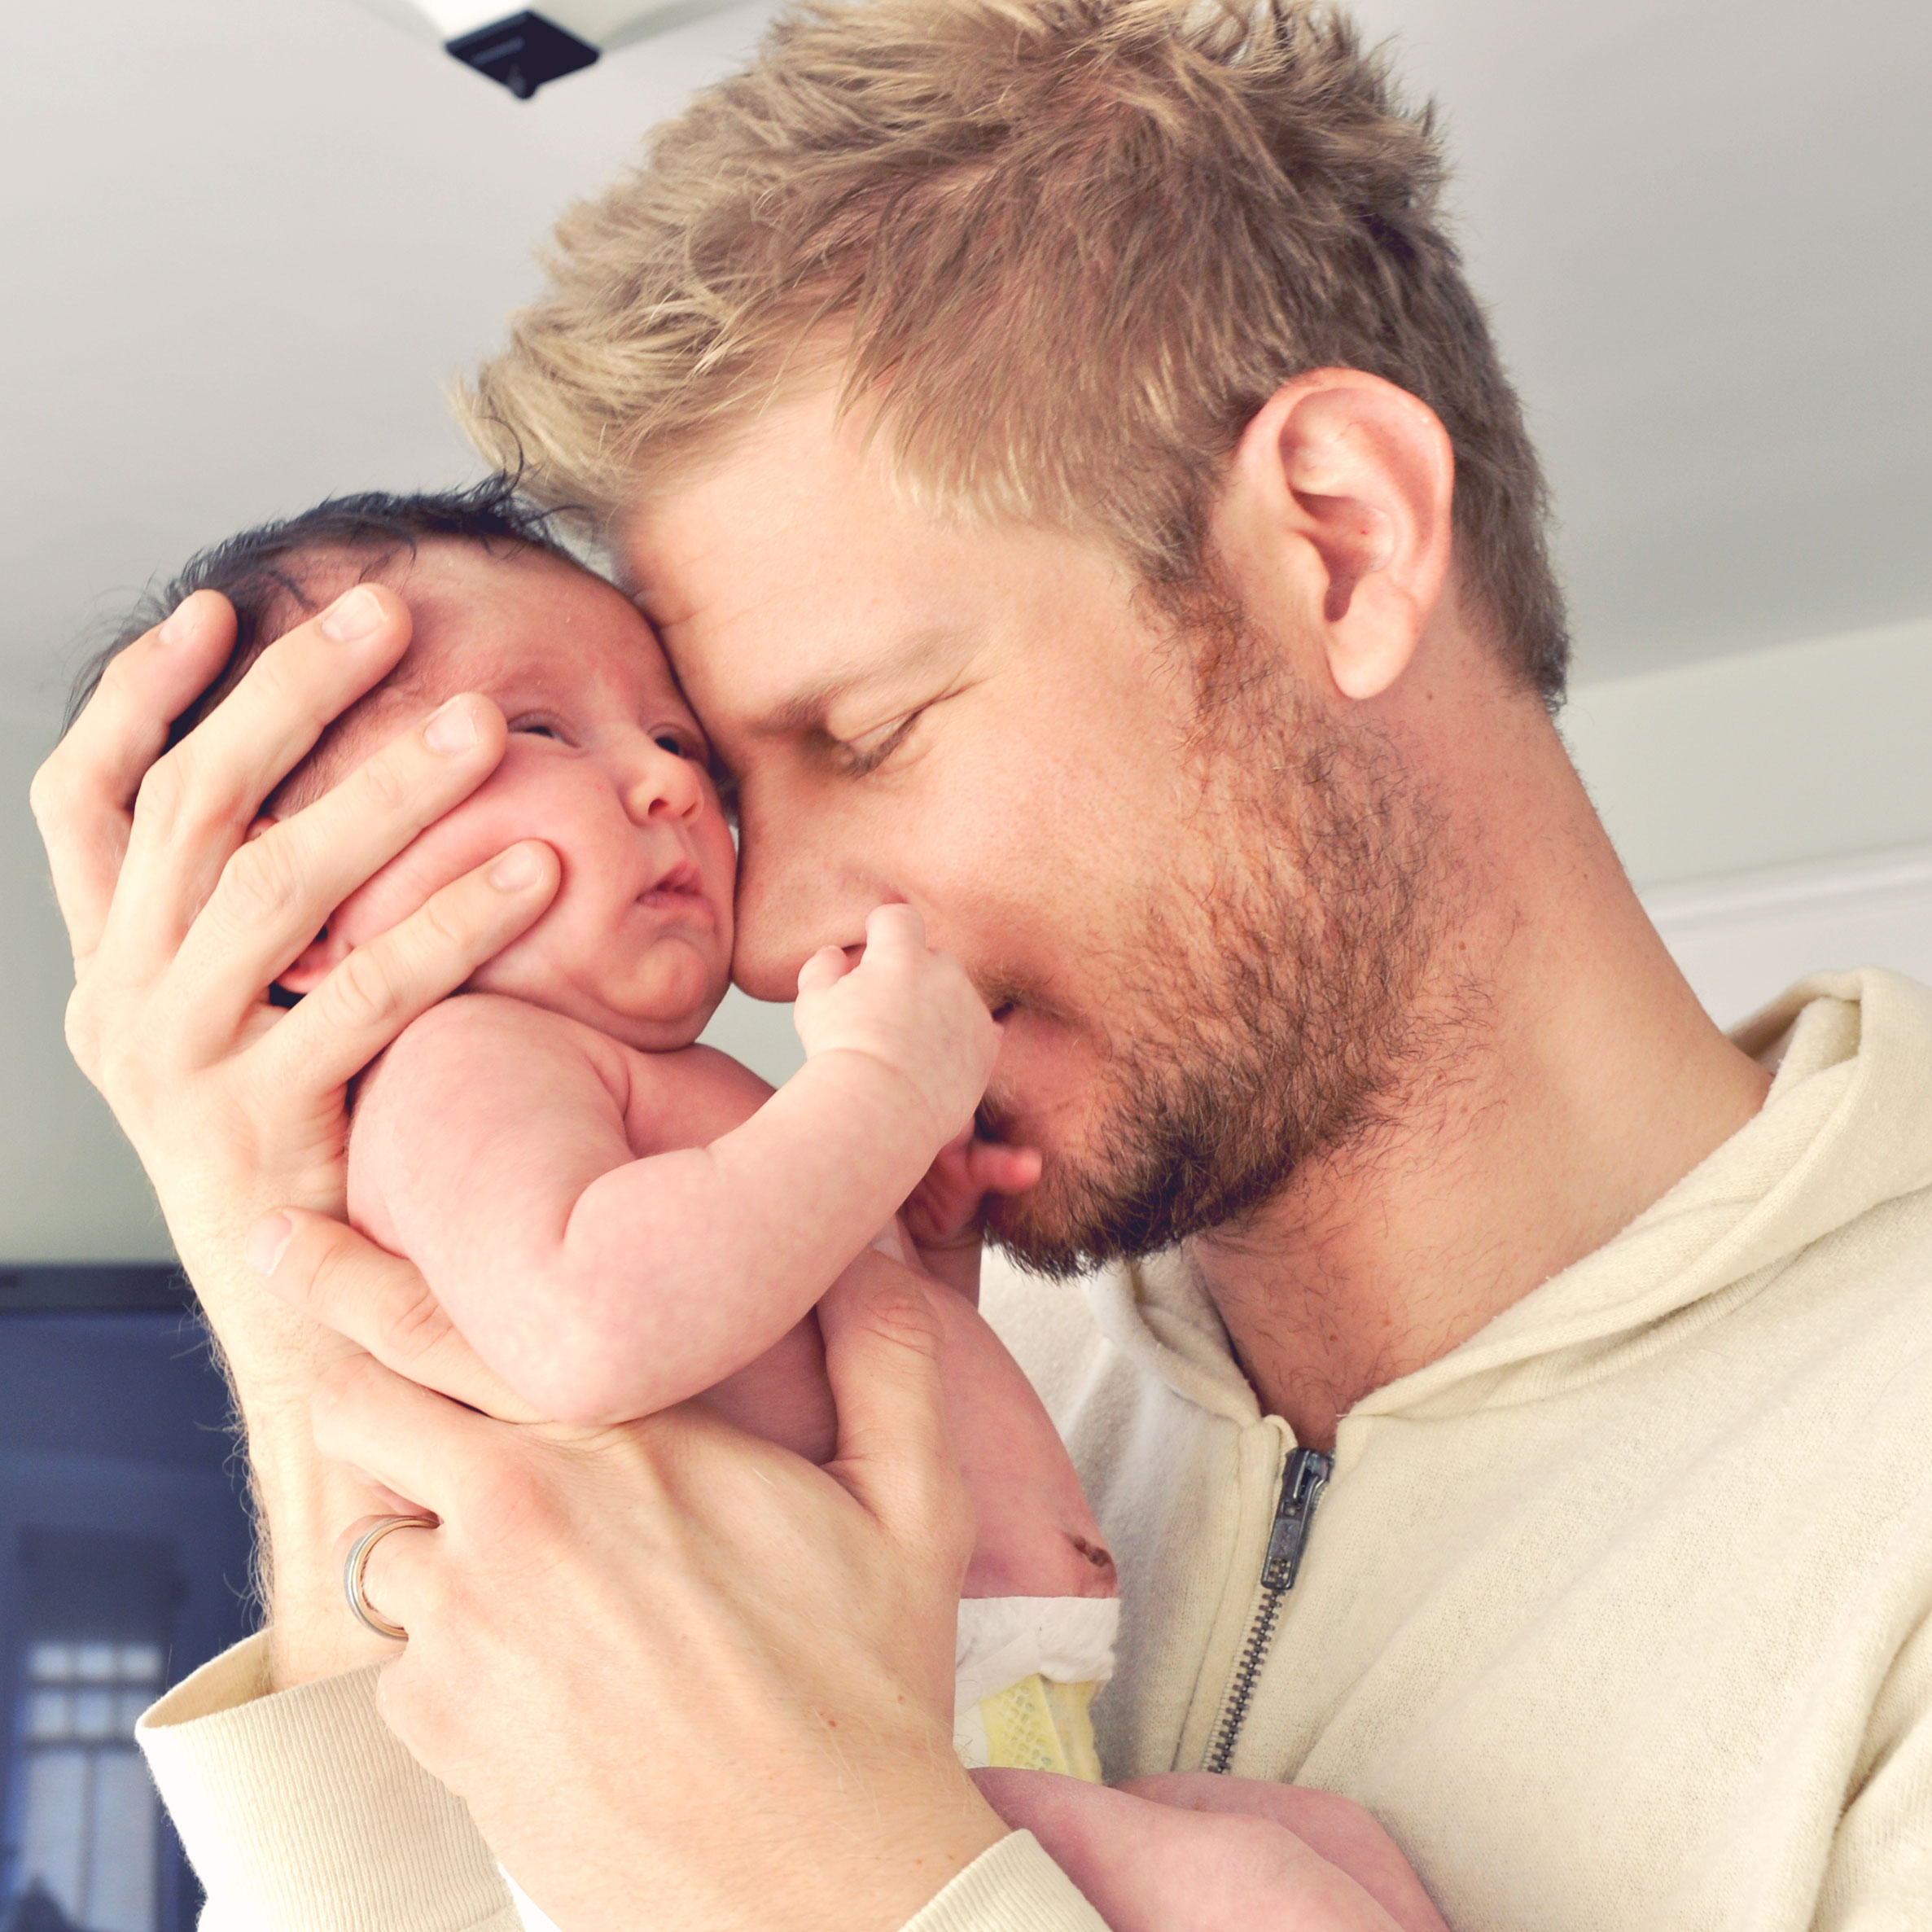 La paternidad empieza incluso antes del embarazo